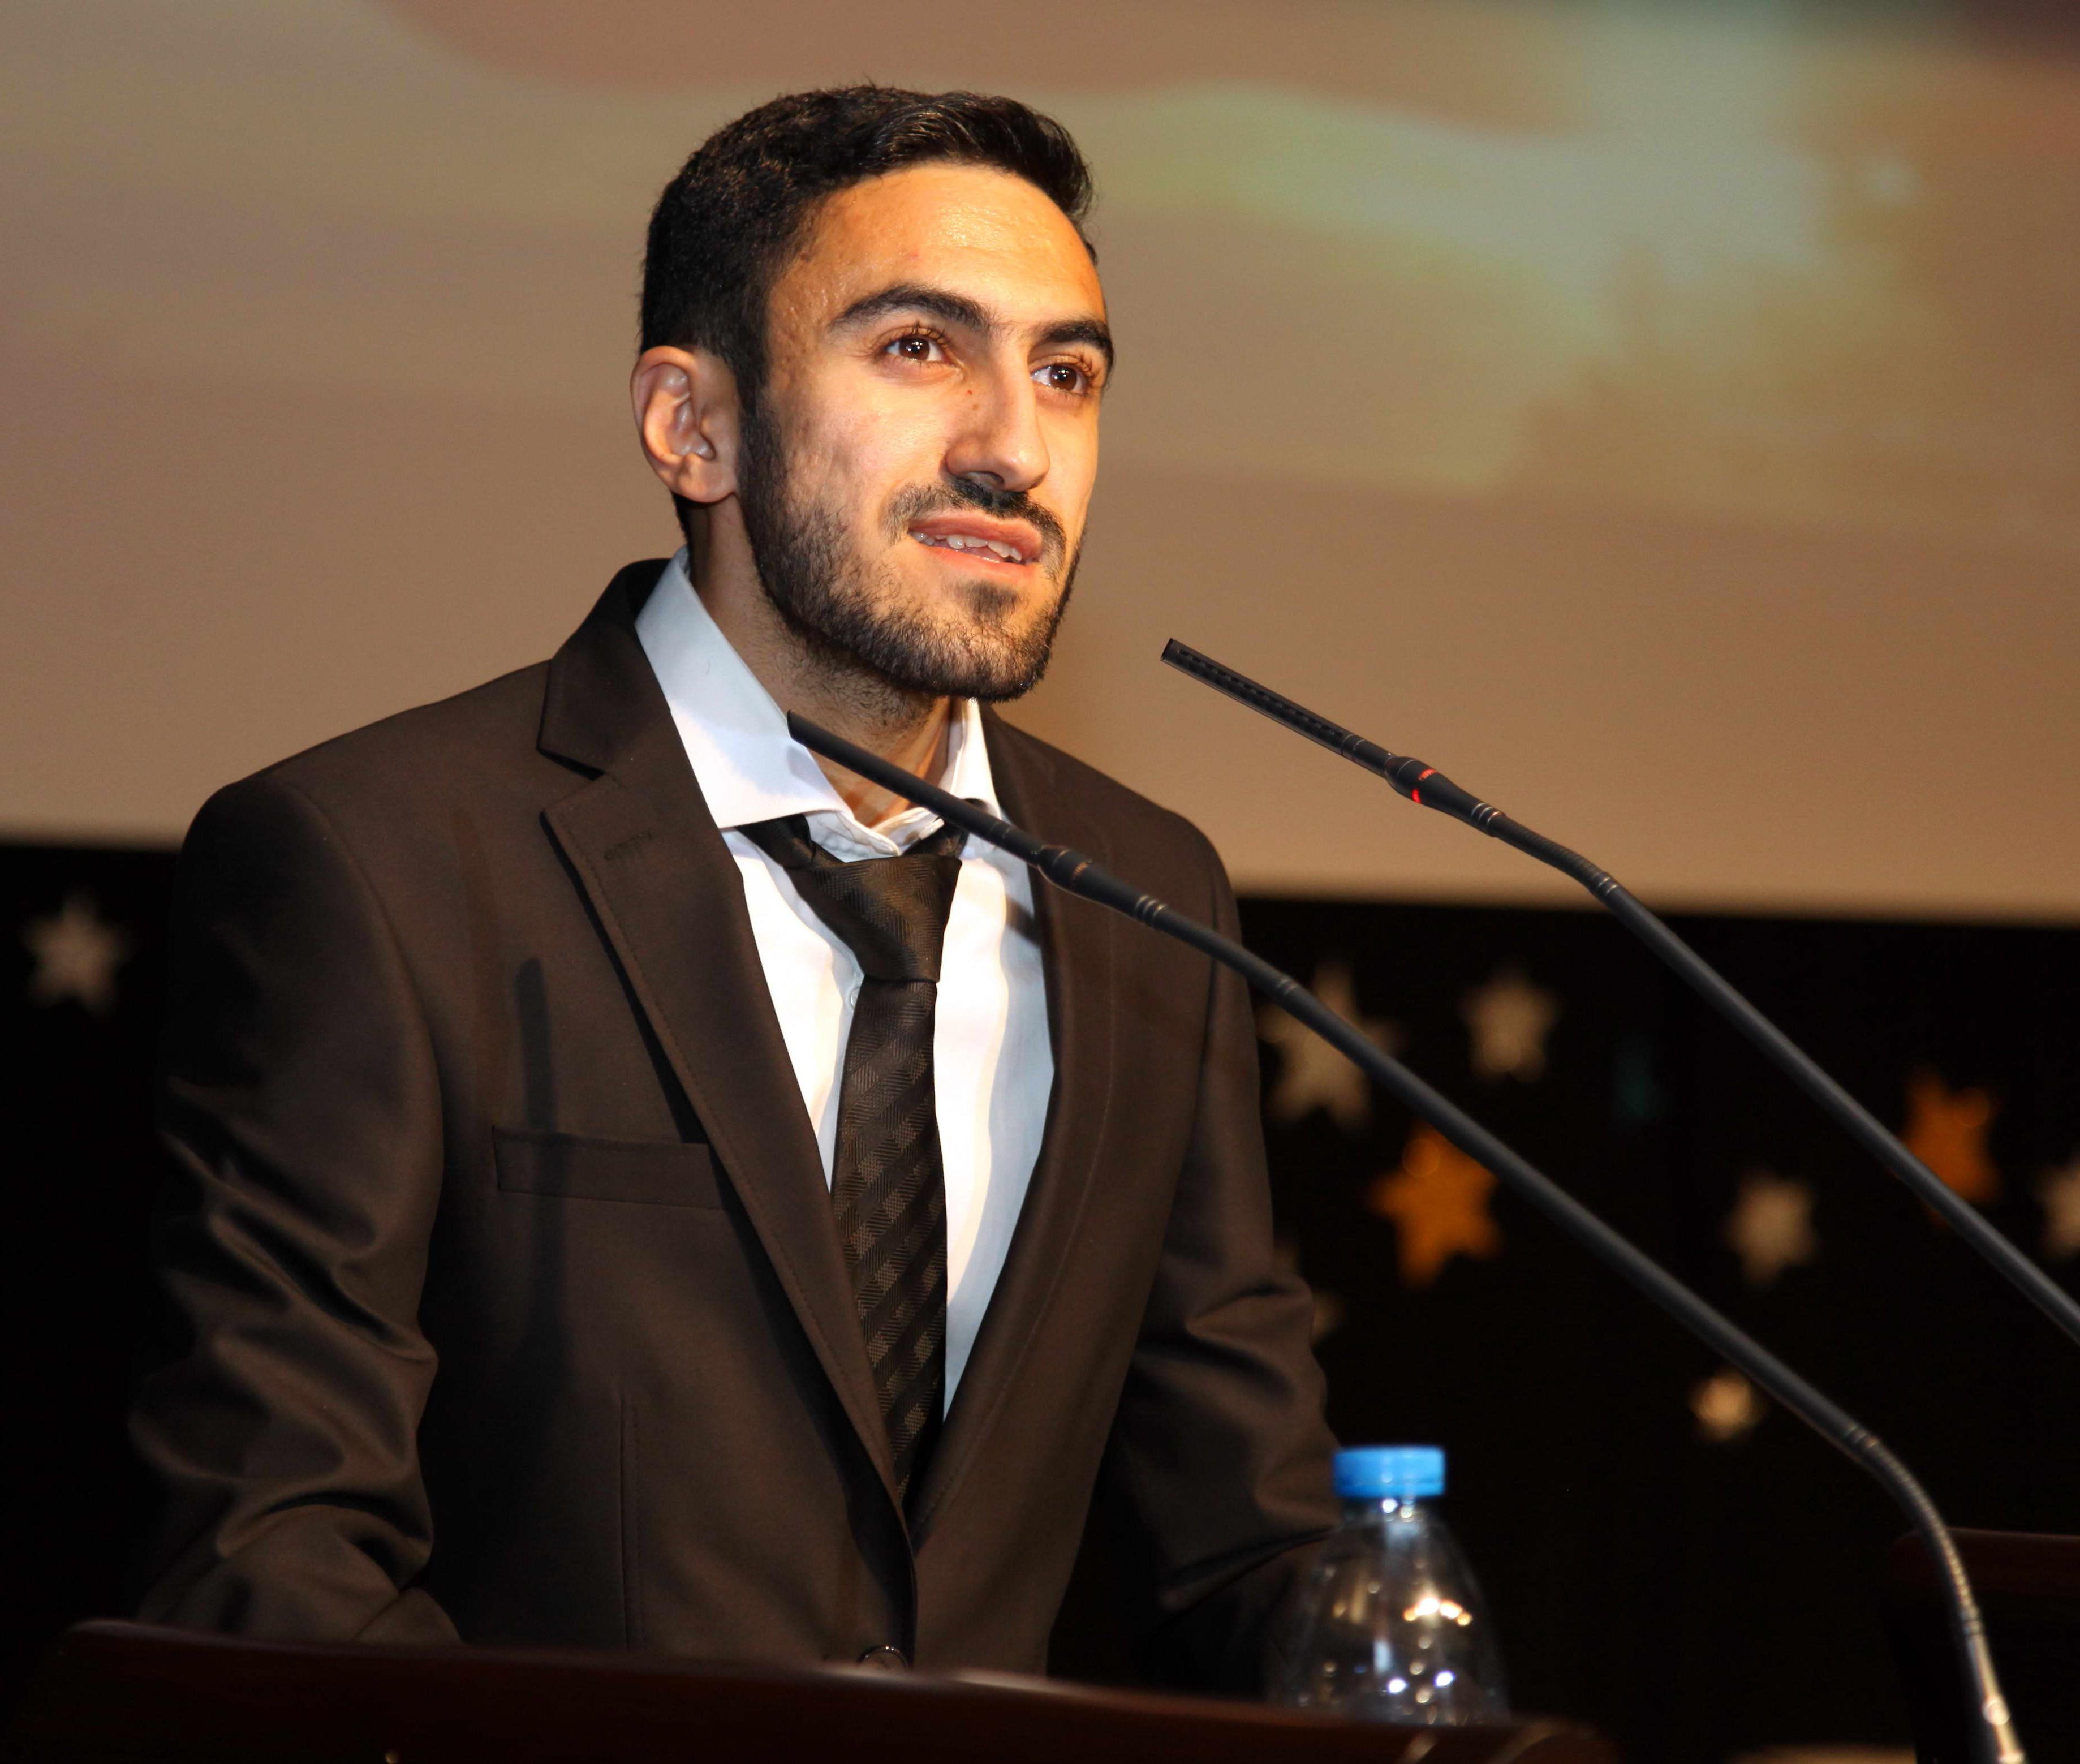 Mehmet Altuğ Özyurt